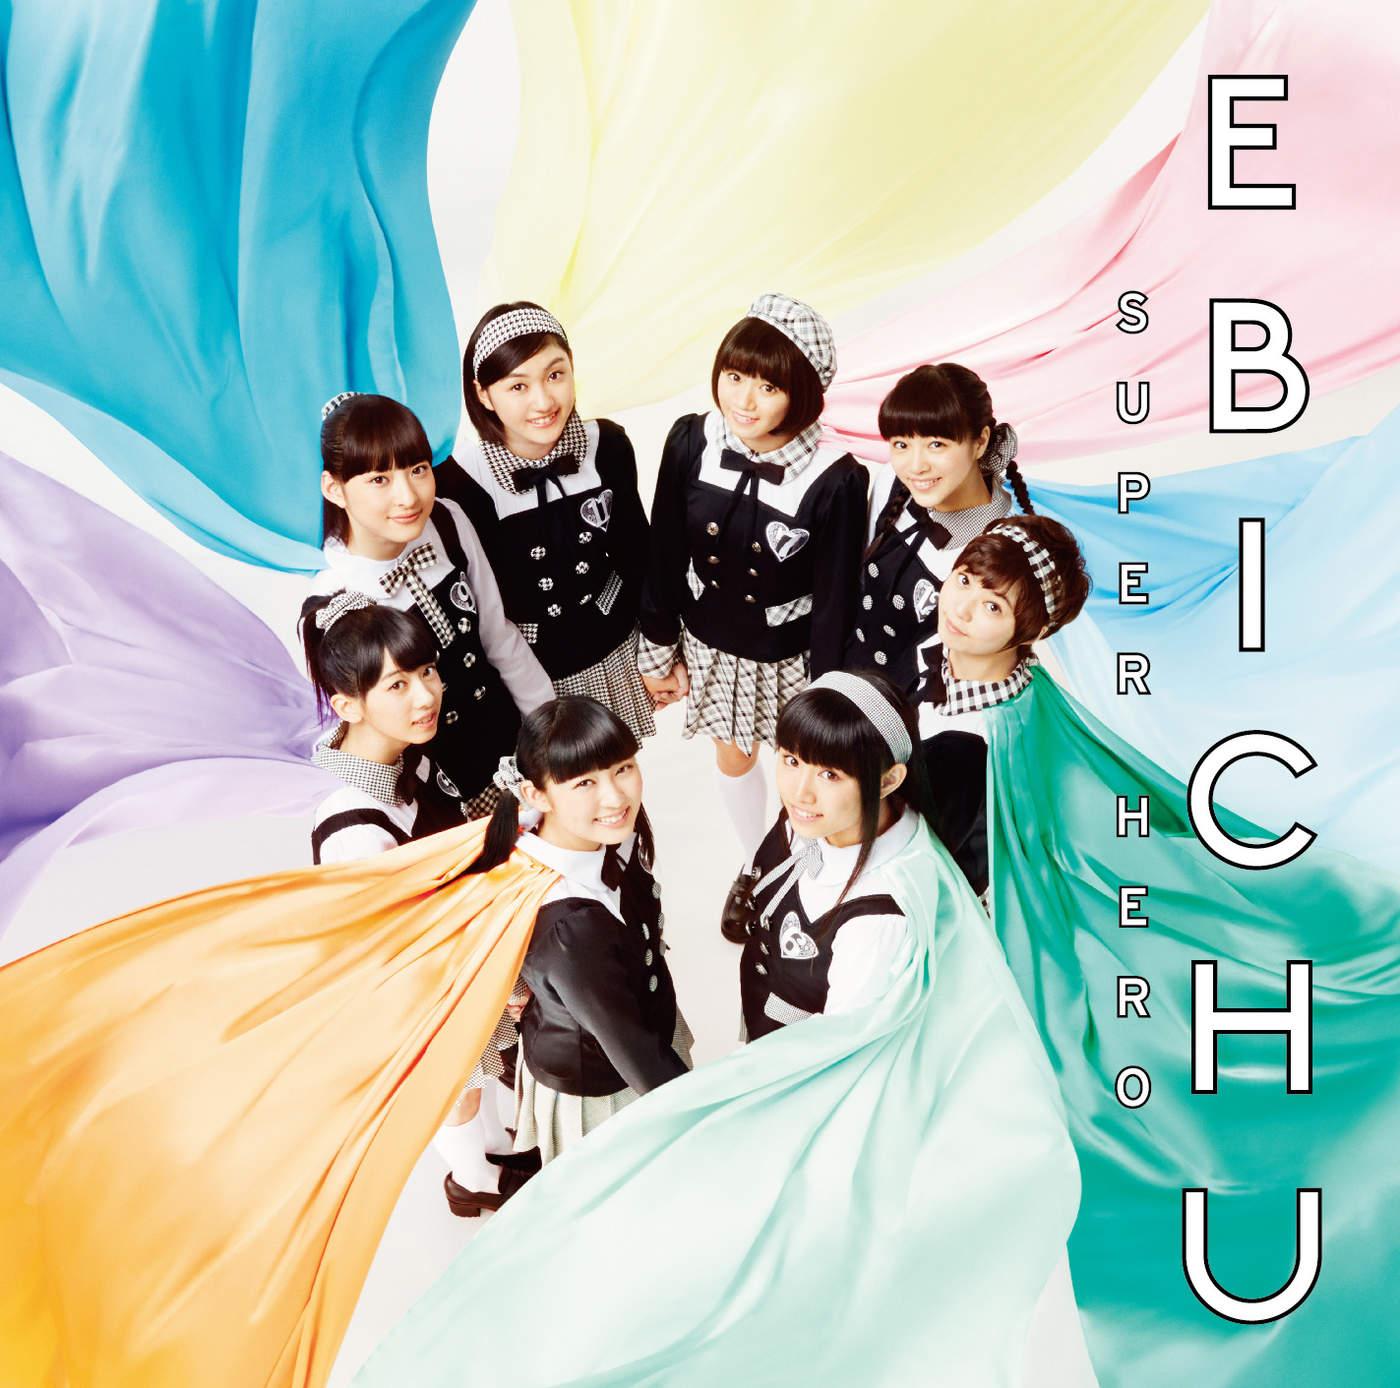 20160203.04.1 Shiritsu Ebisu Chuugaku - Super Hero (mora.jp special edition) cover 3.jpg